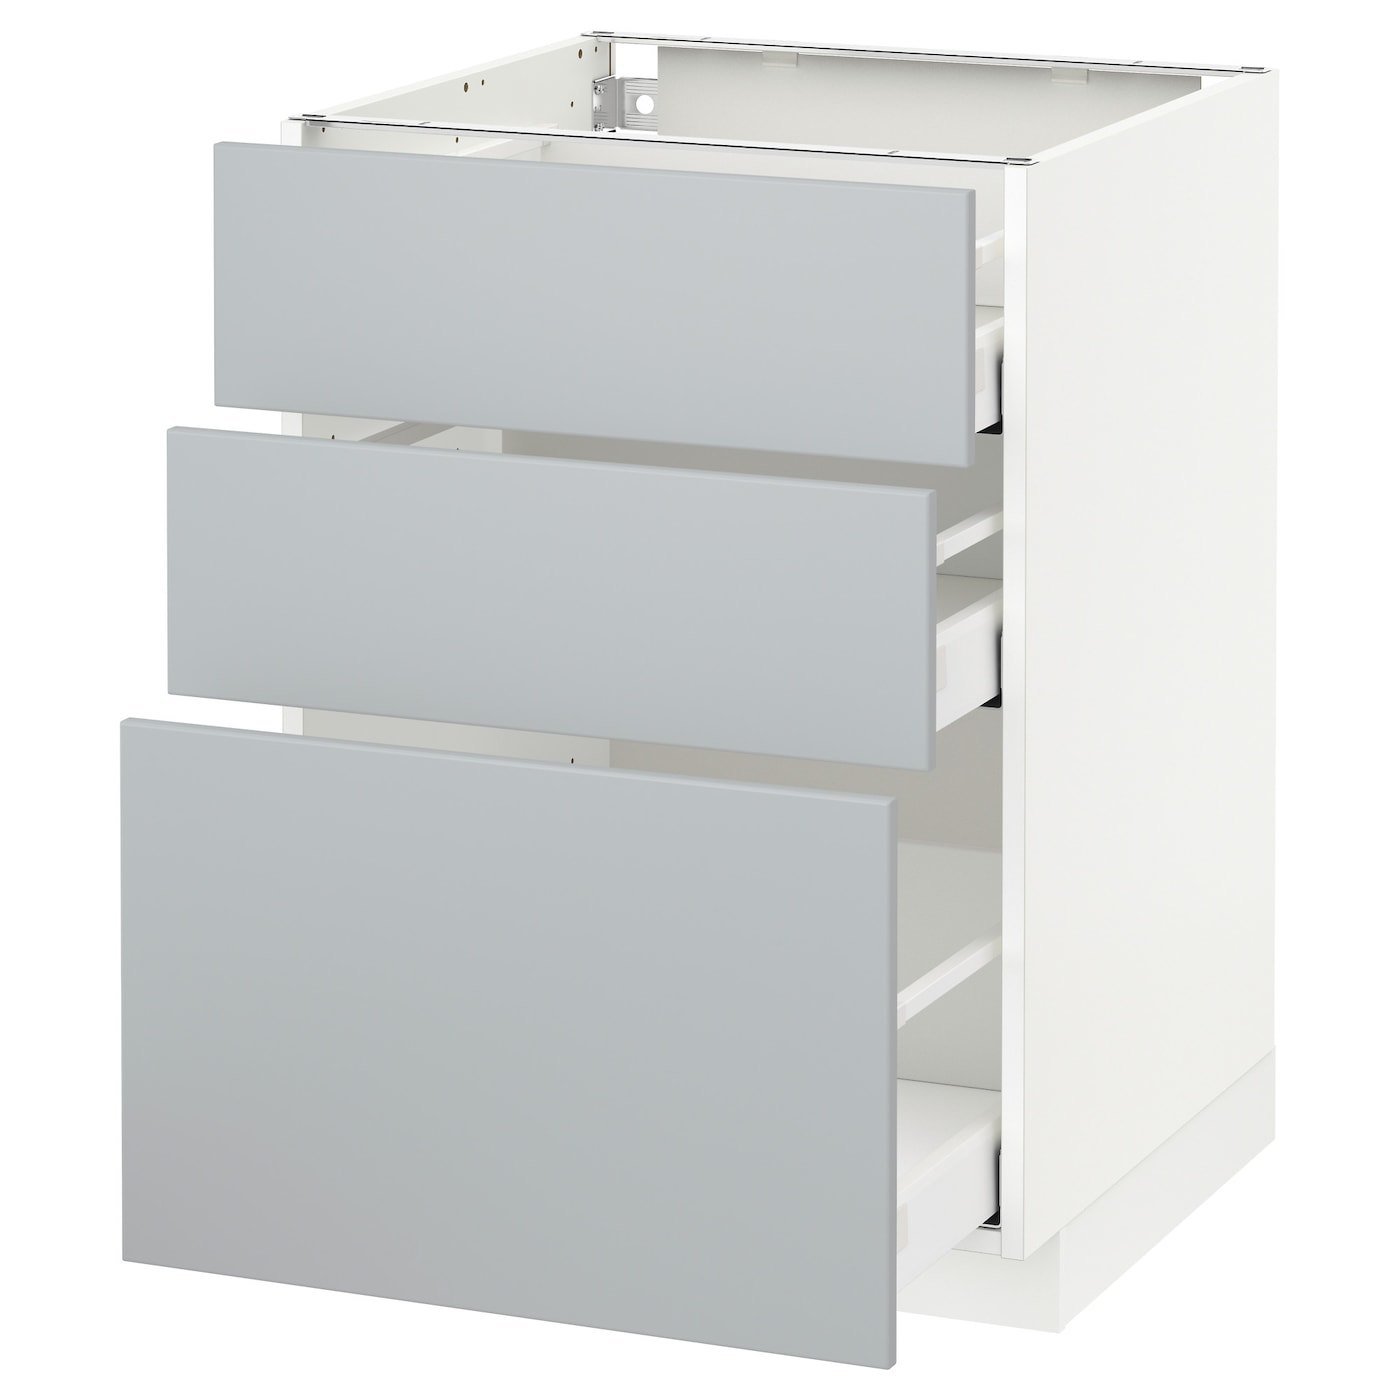 METOD / MAXIMERA Base cabinet with 15 drawers - white, Veddinge grey 15x15 cm